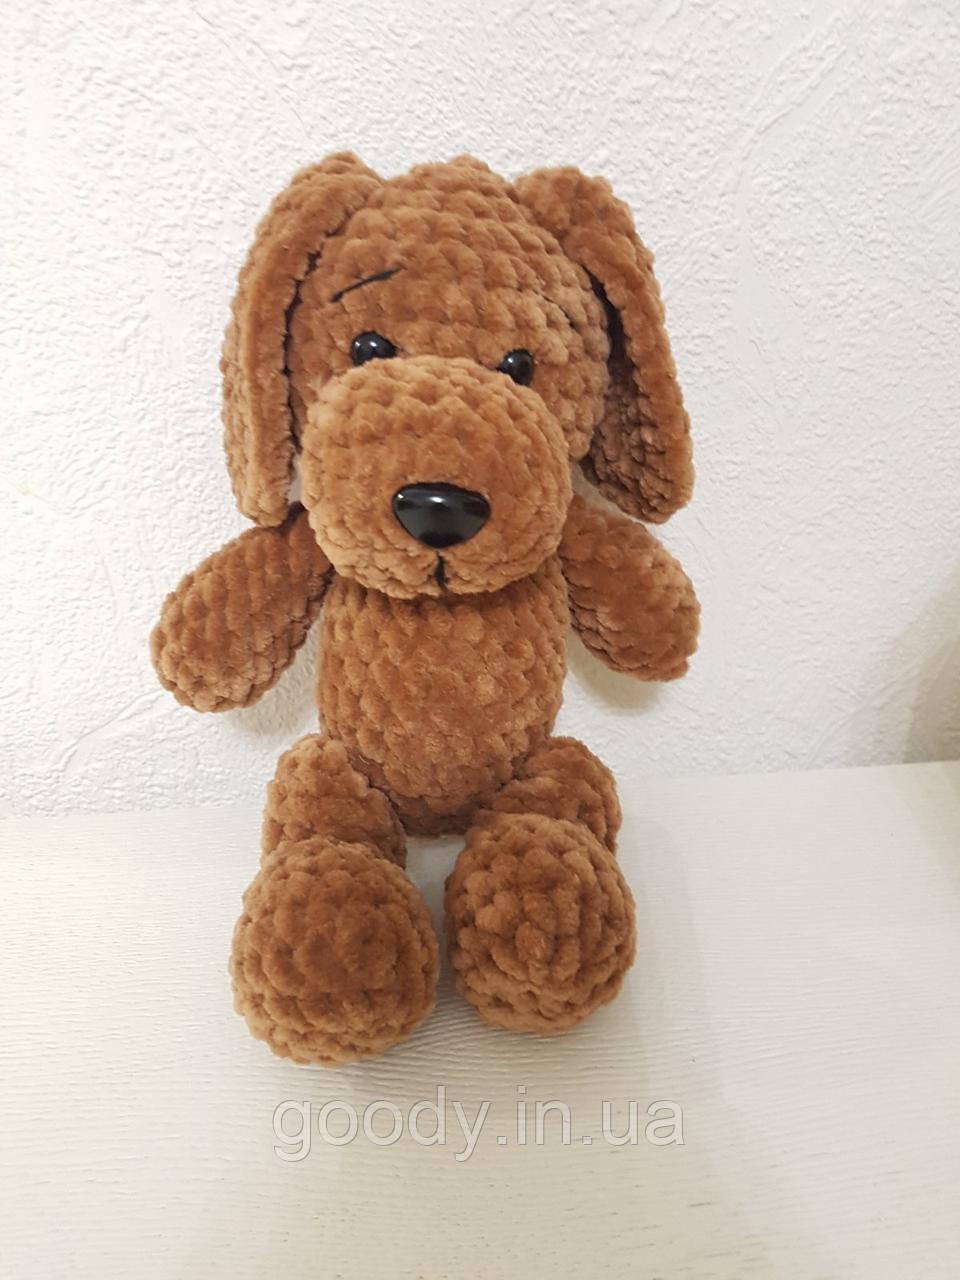 М'яка іграшка песик із плюшевої пряжі 25 cm